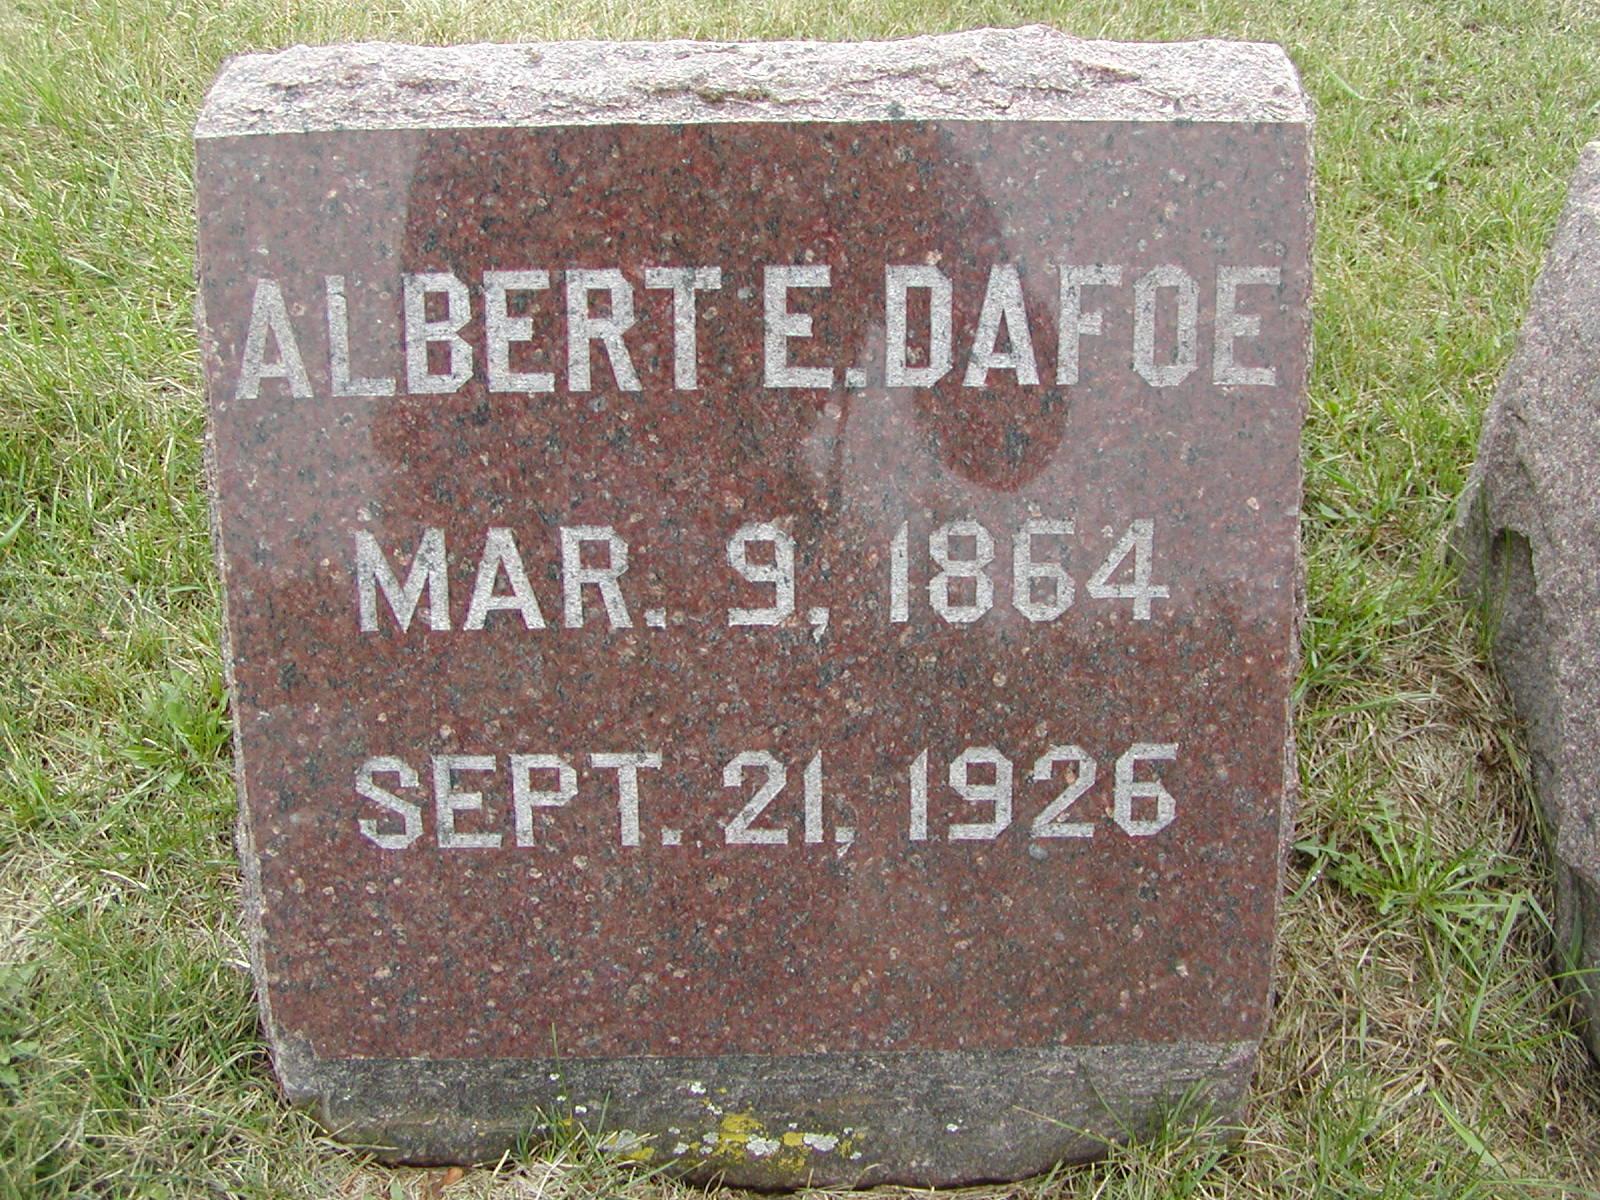 Albert Edward Dafoe